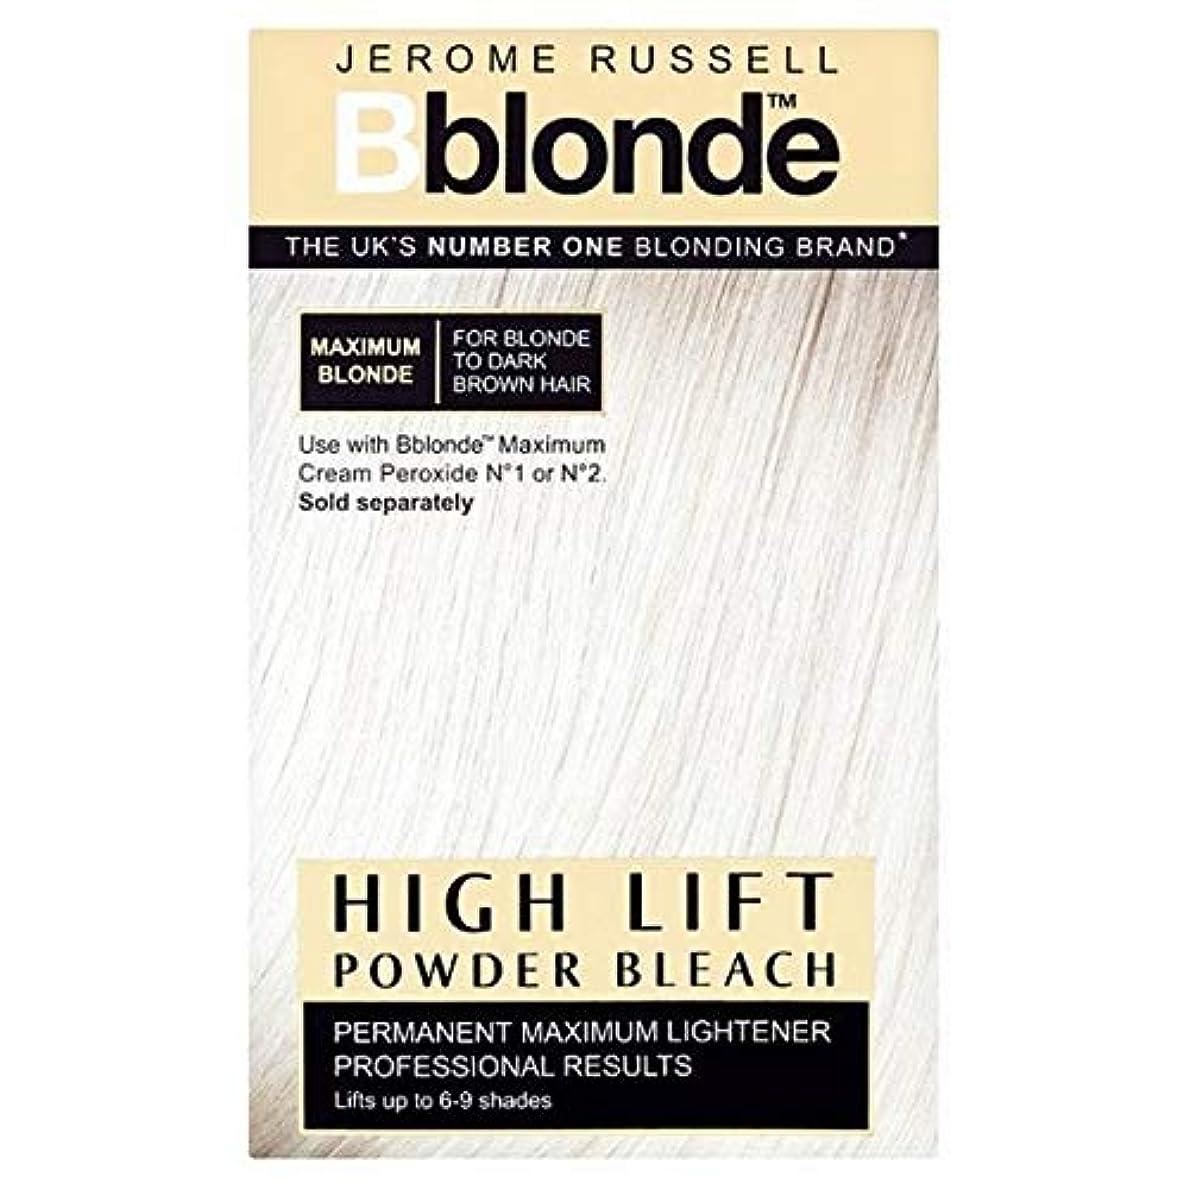 くびれたドライバたらい[B Blonde] ジェロームラッセルB金髪粉末漂白剤100グラムのライトナー - Jerome Russell B Blonde Powder Bleach 100g Lightner [並行輸入品]